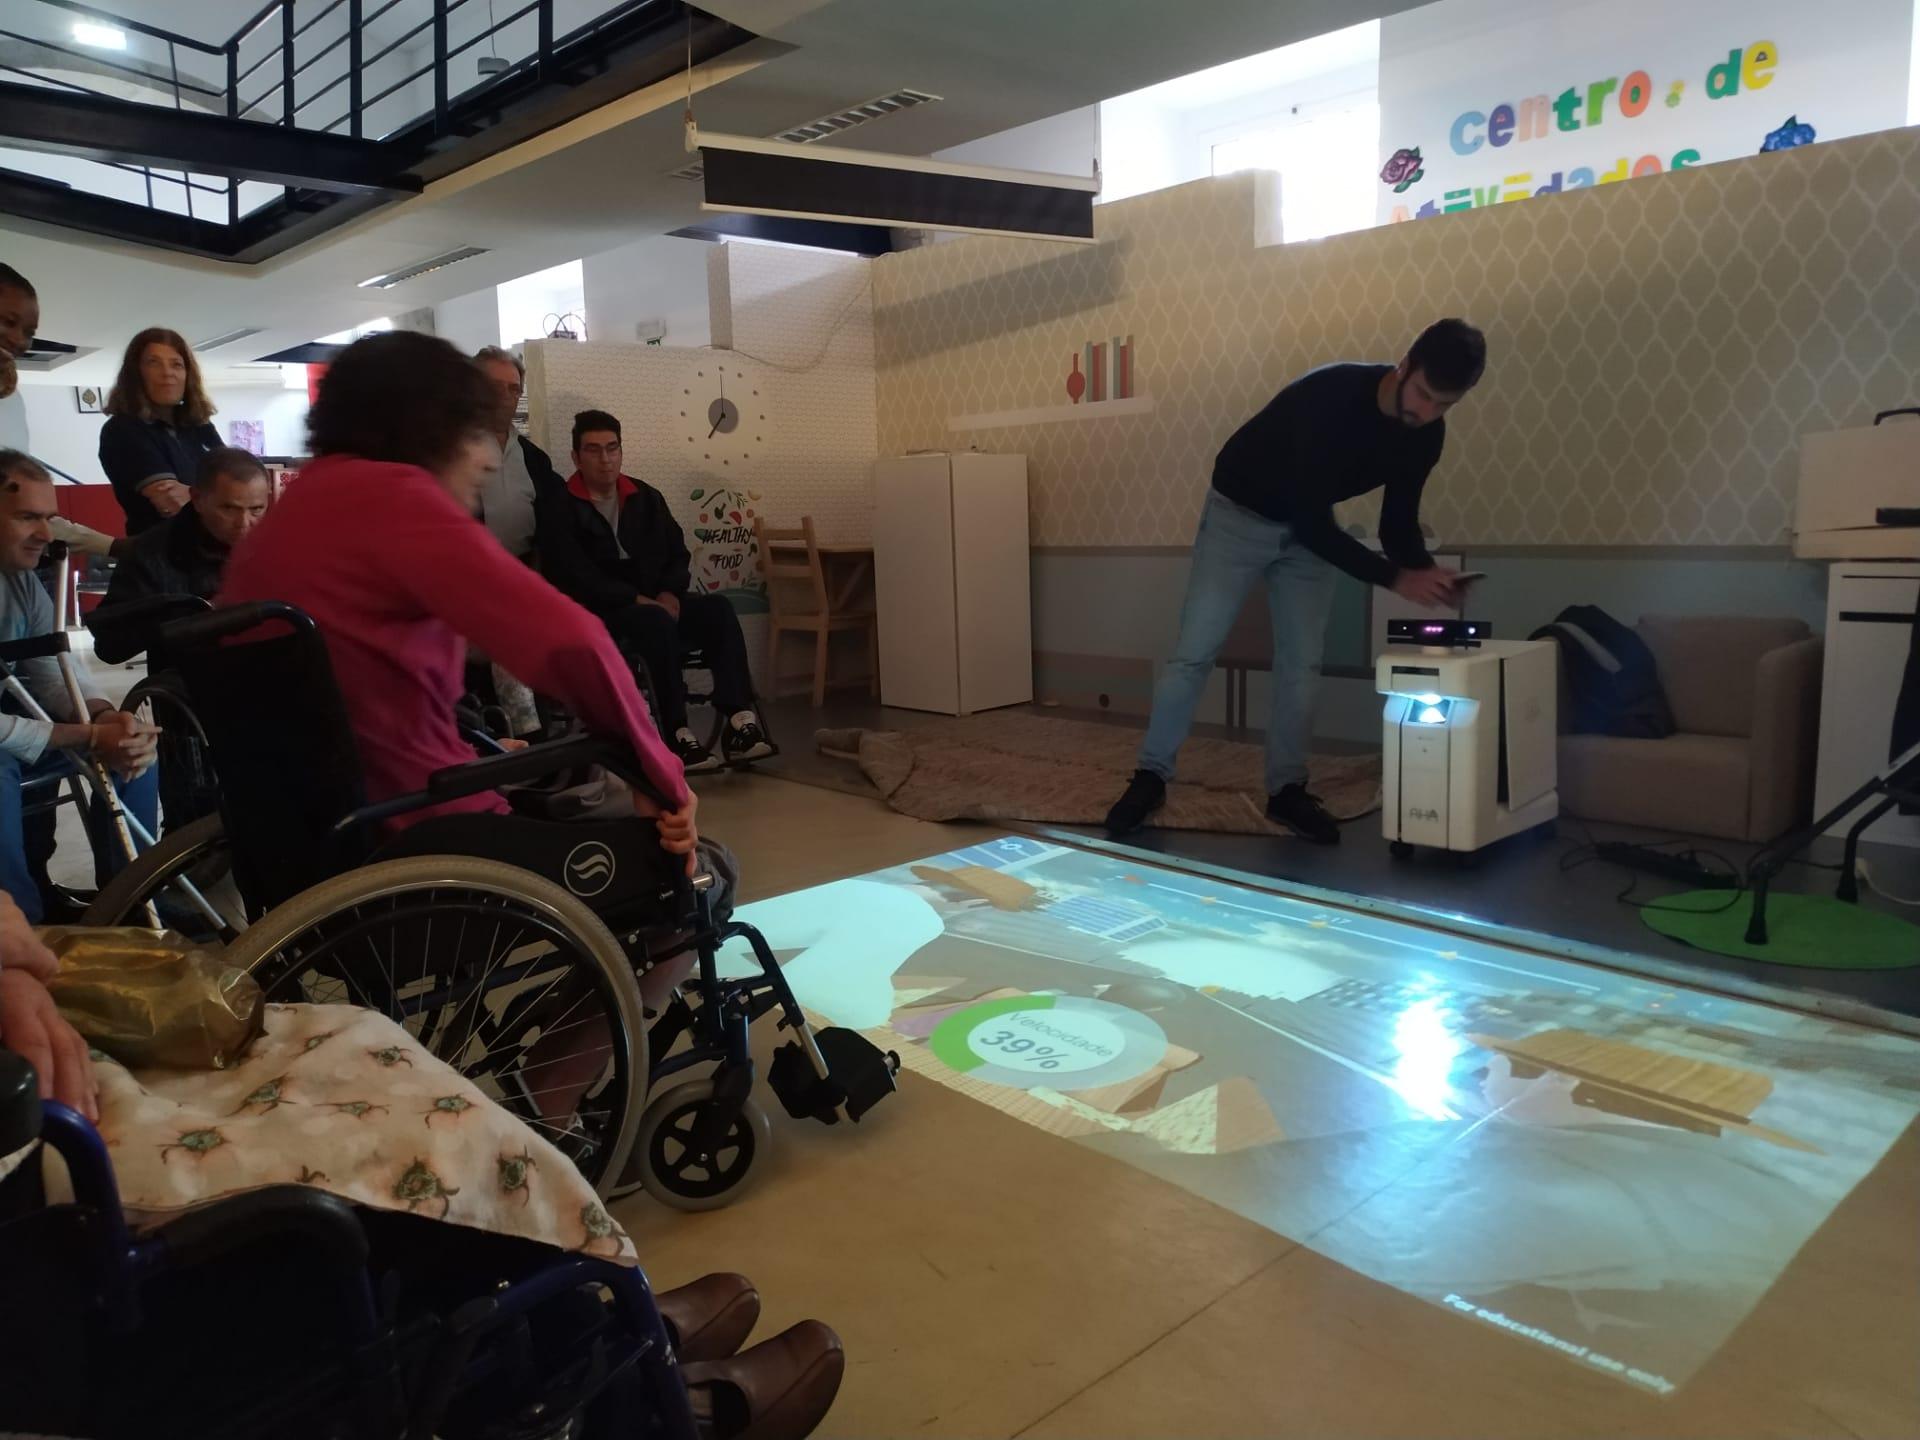 Tecnologia para reabilitação física interativa foi apresentada na SPEM